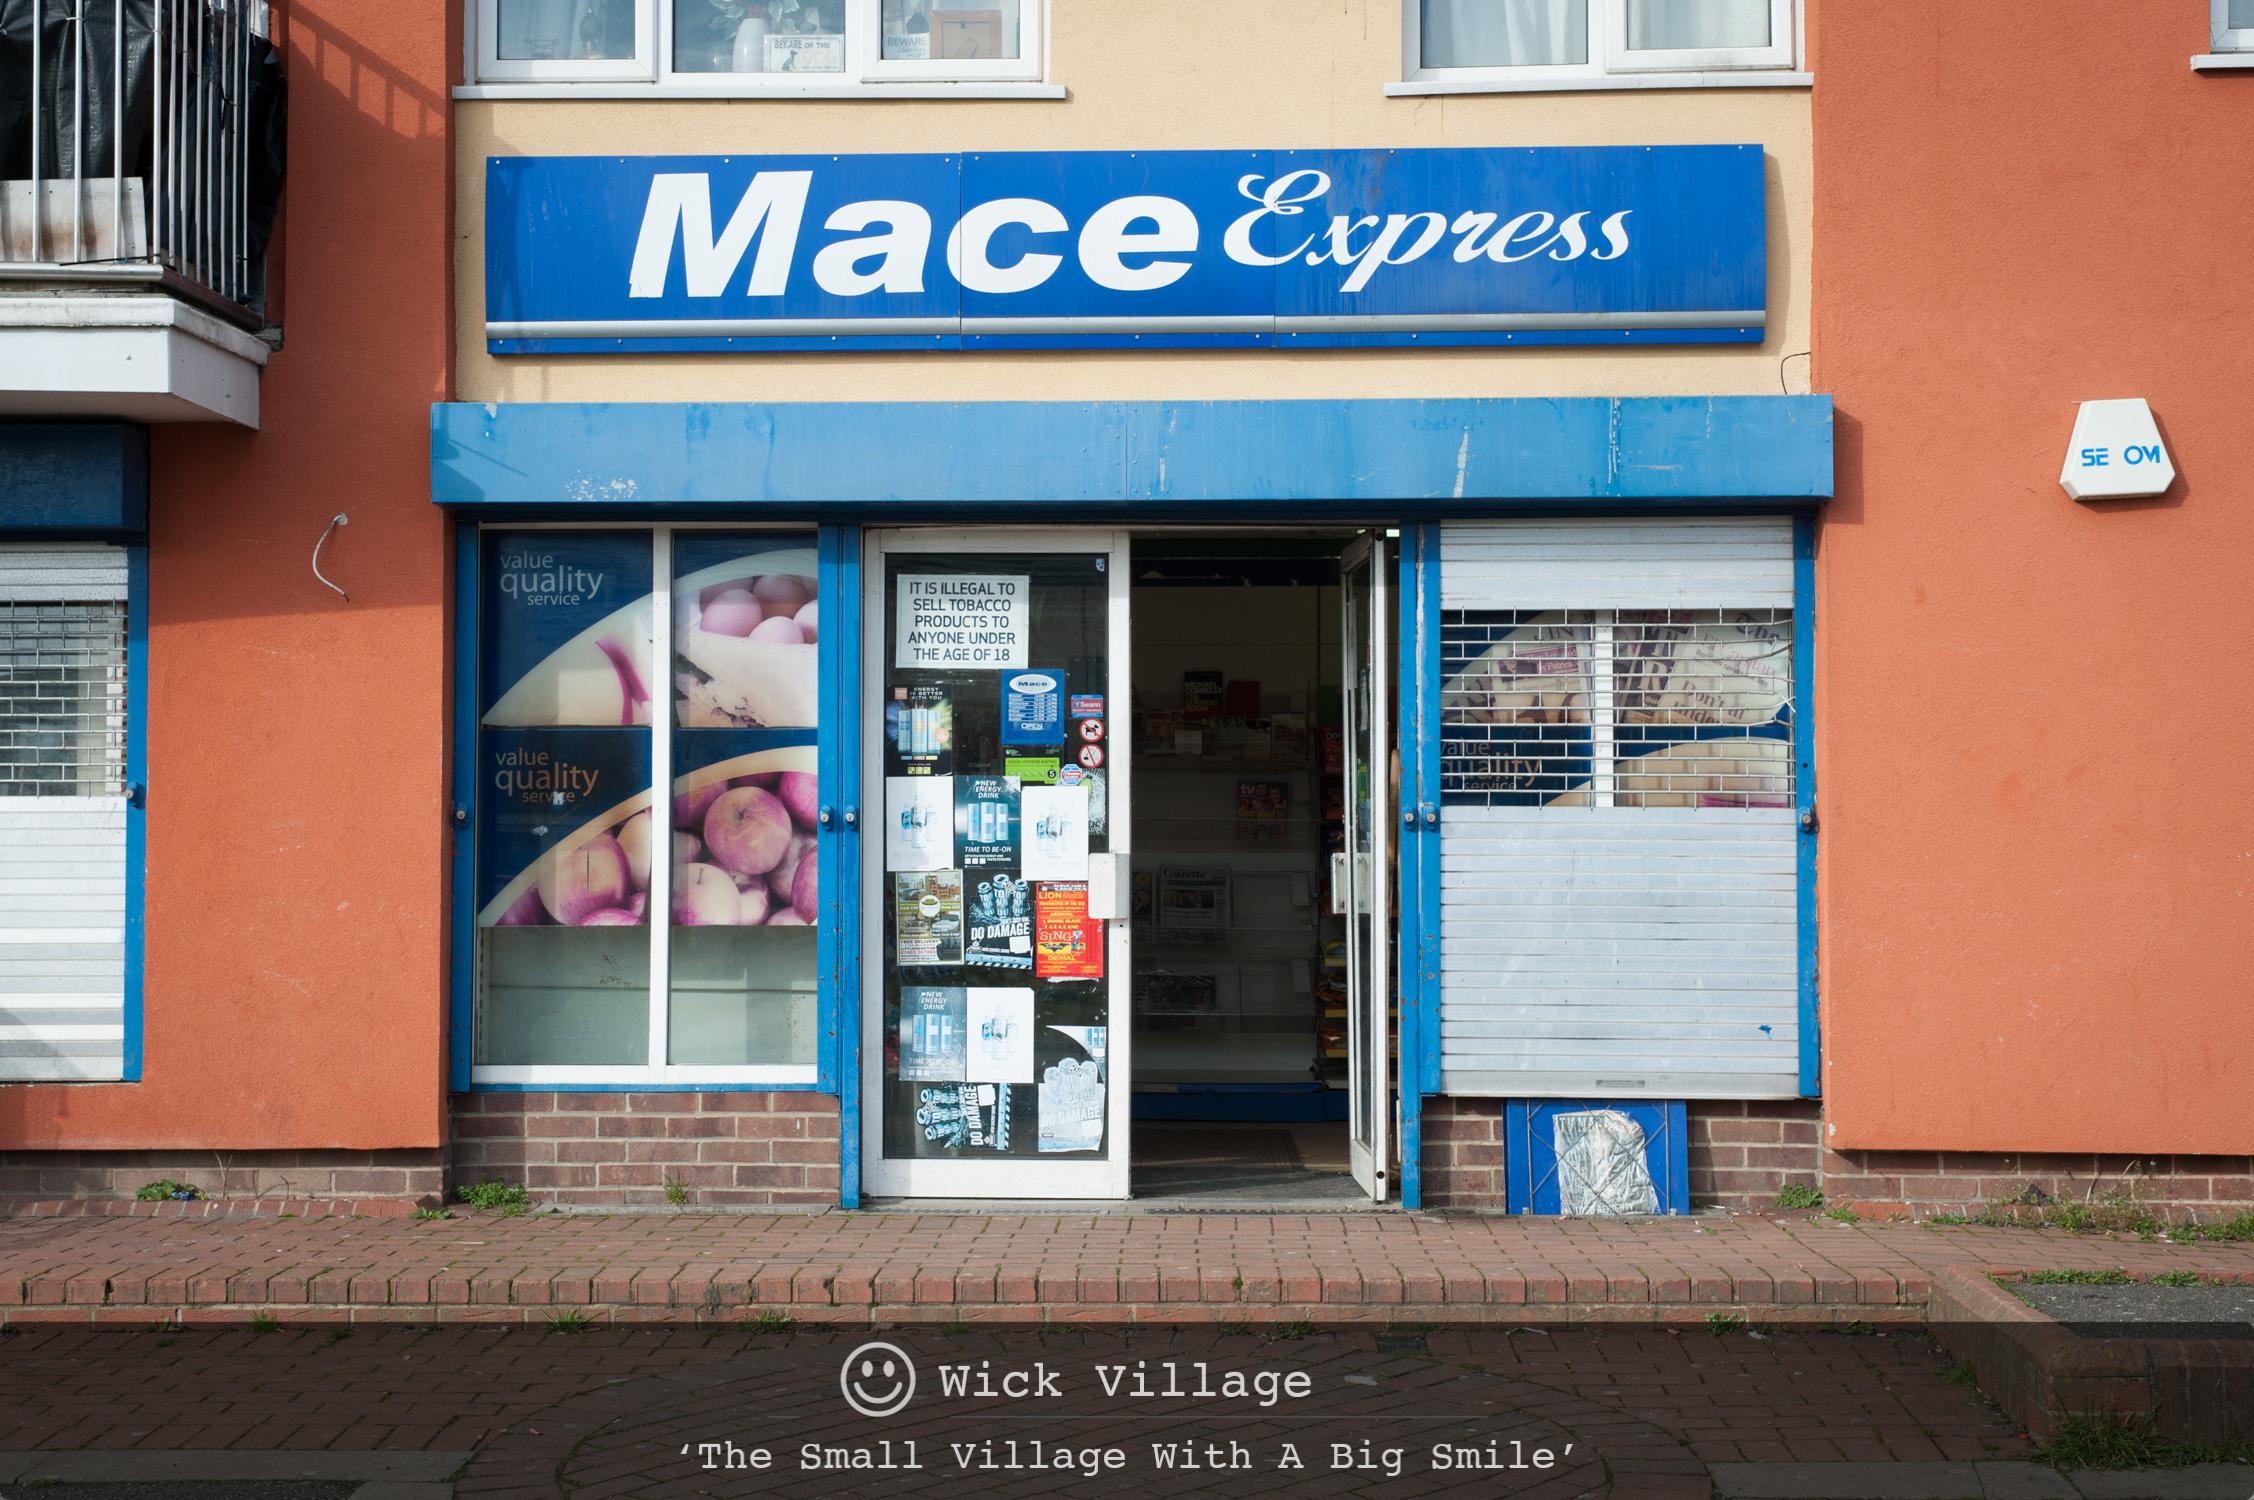 Mace Express, Wick Village, Littlehampton.